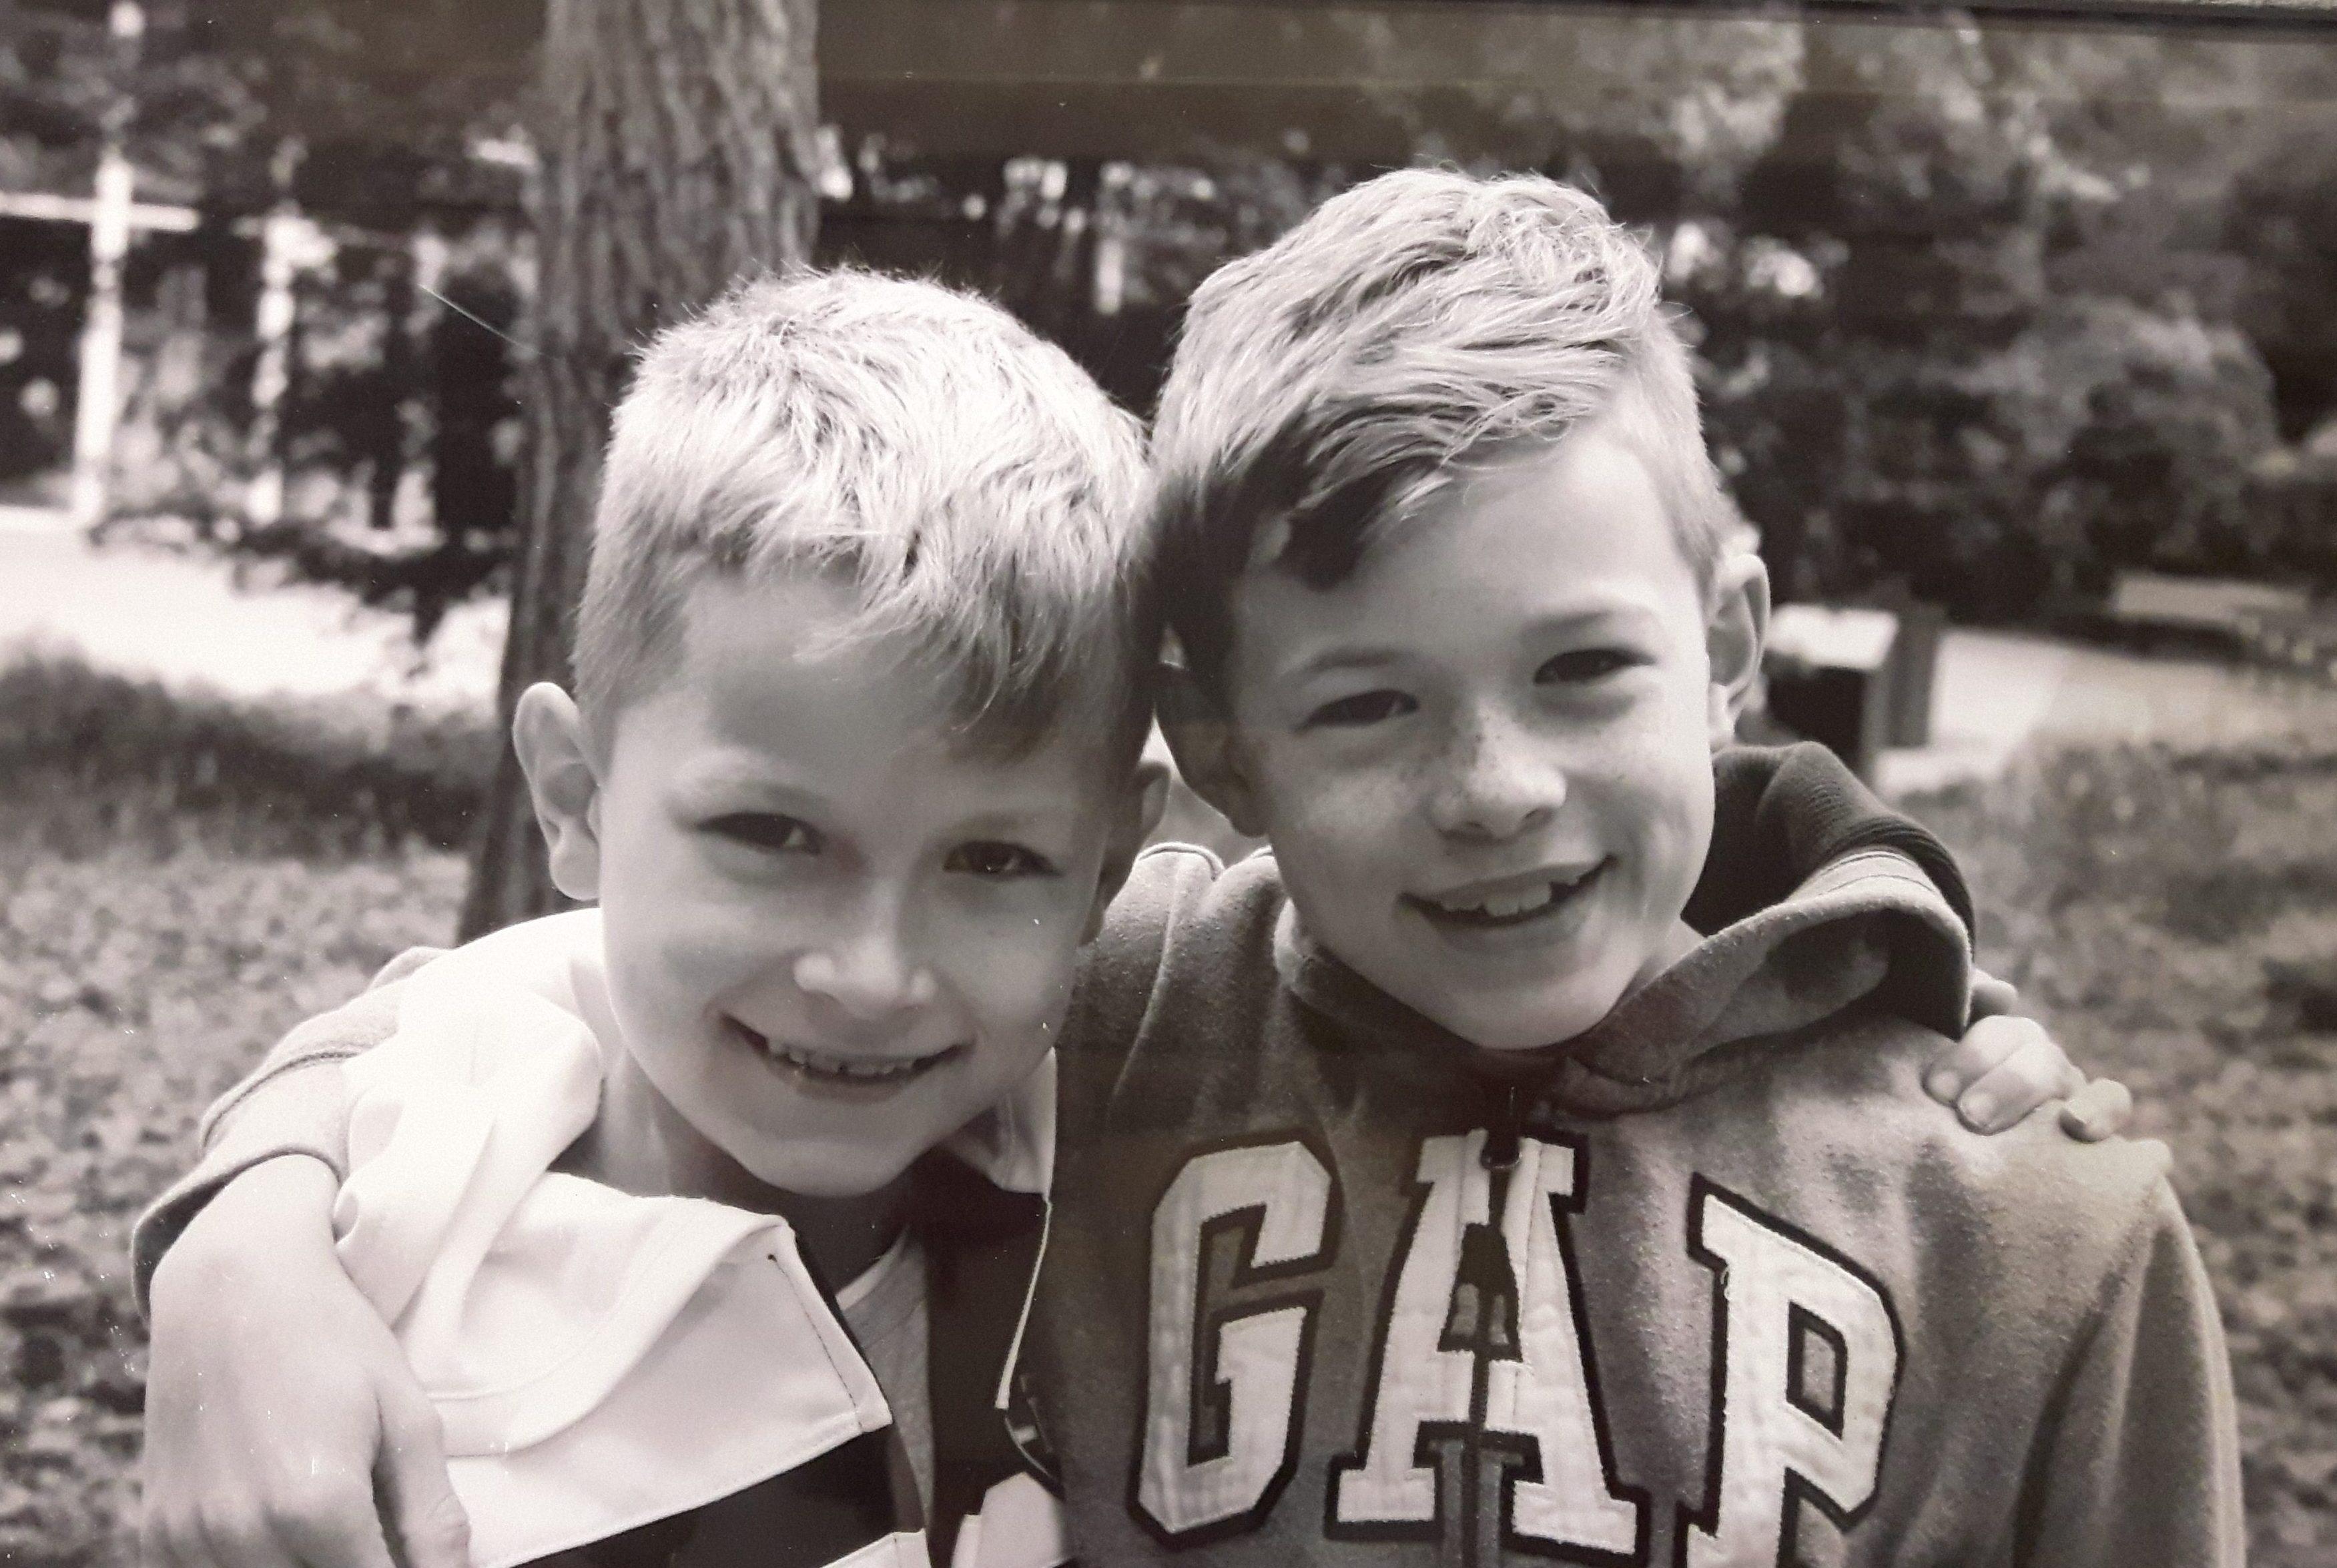 7 en 10 jaar oud onze twee kanjers!